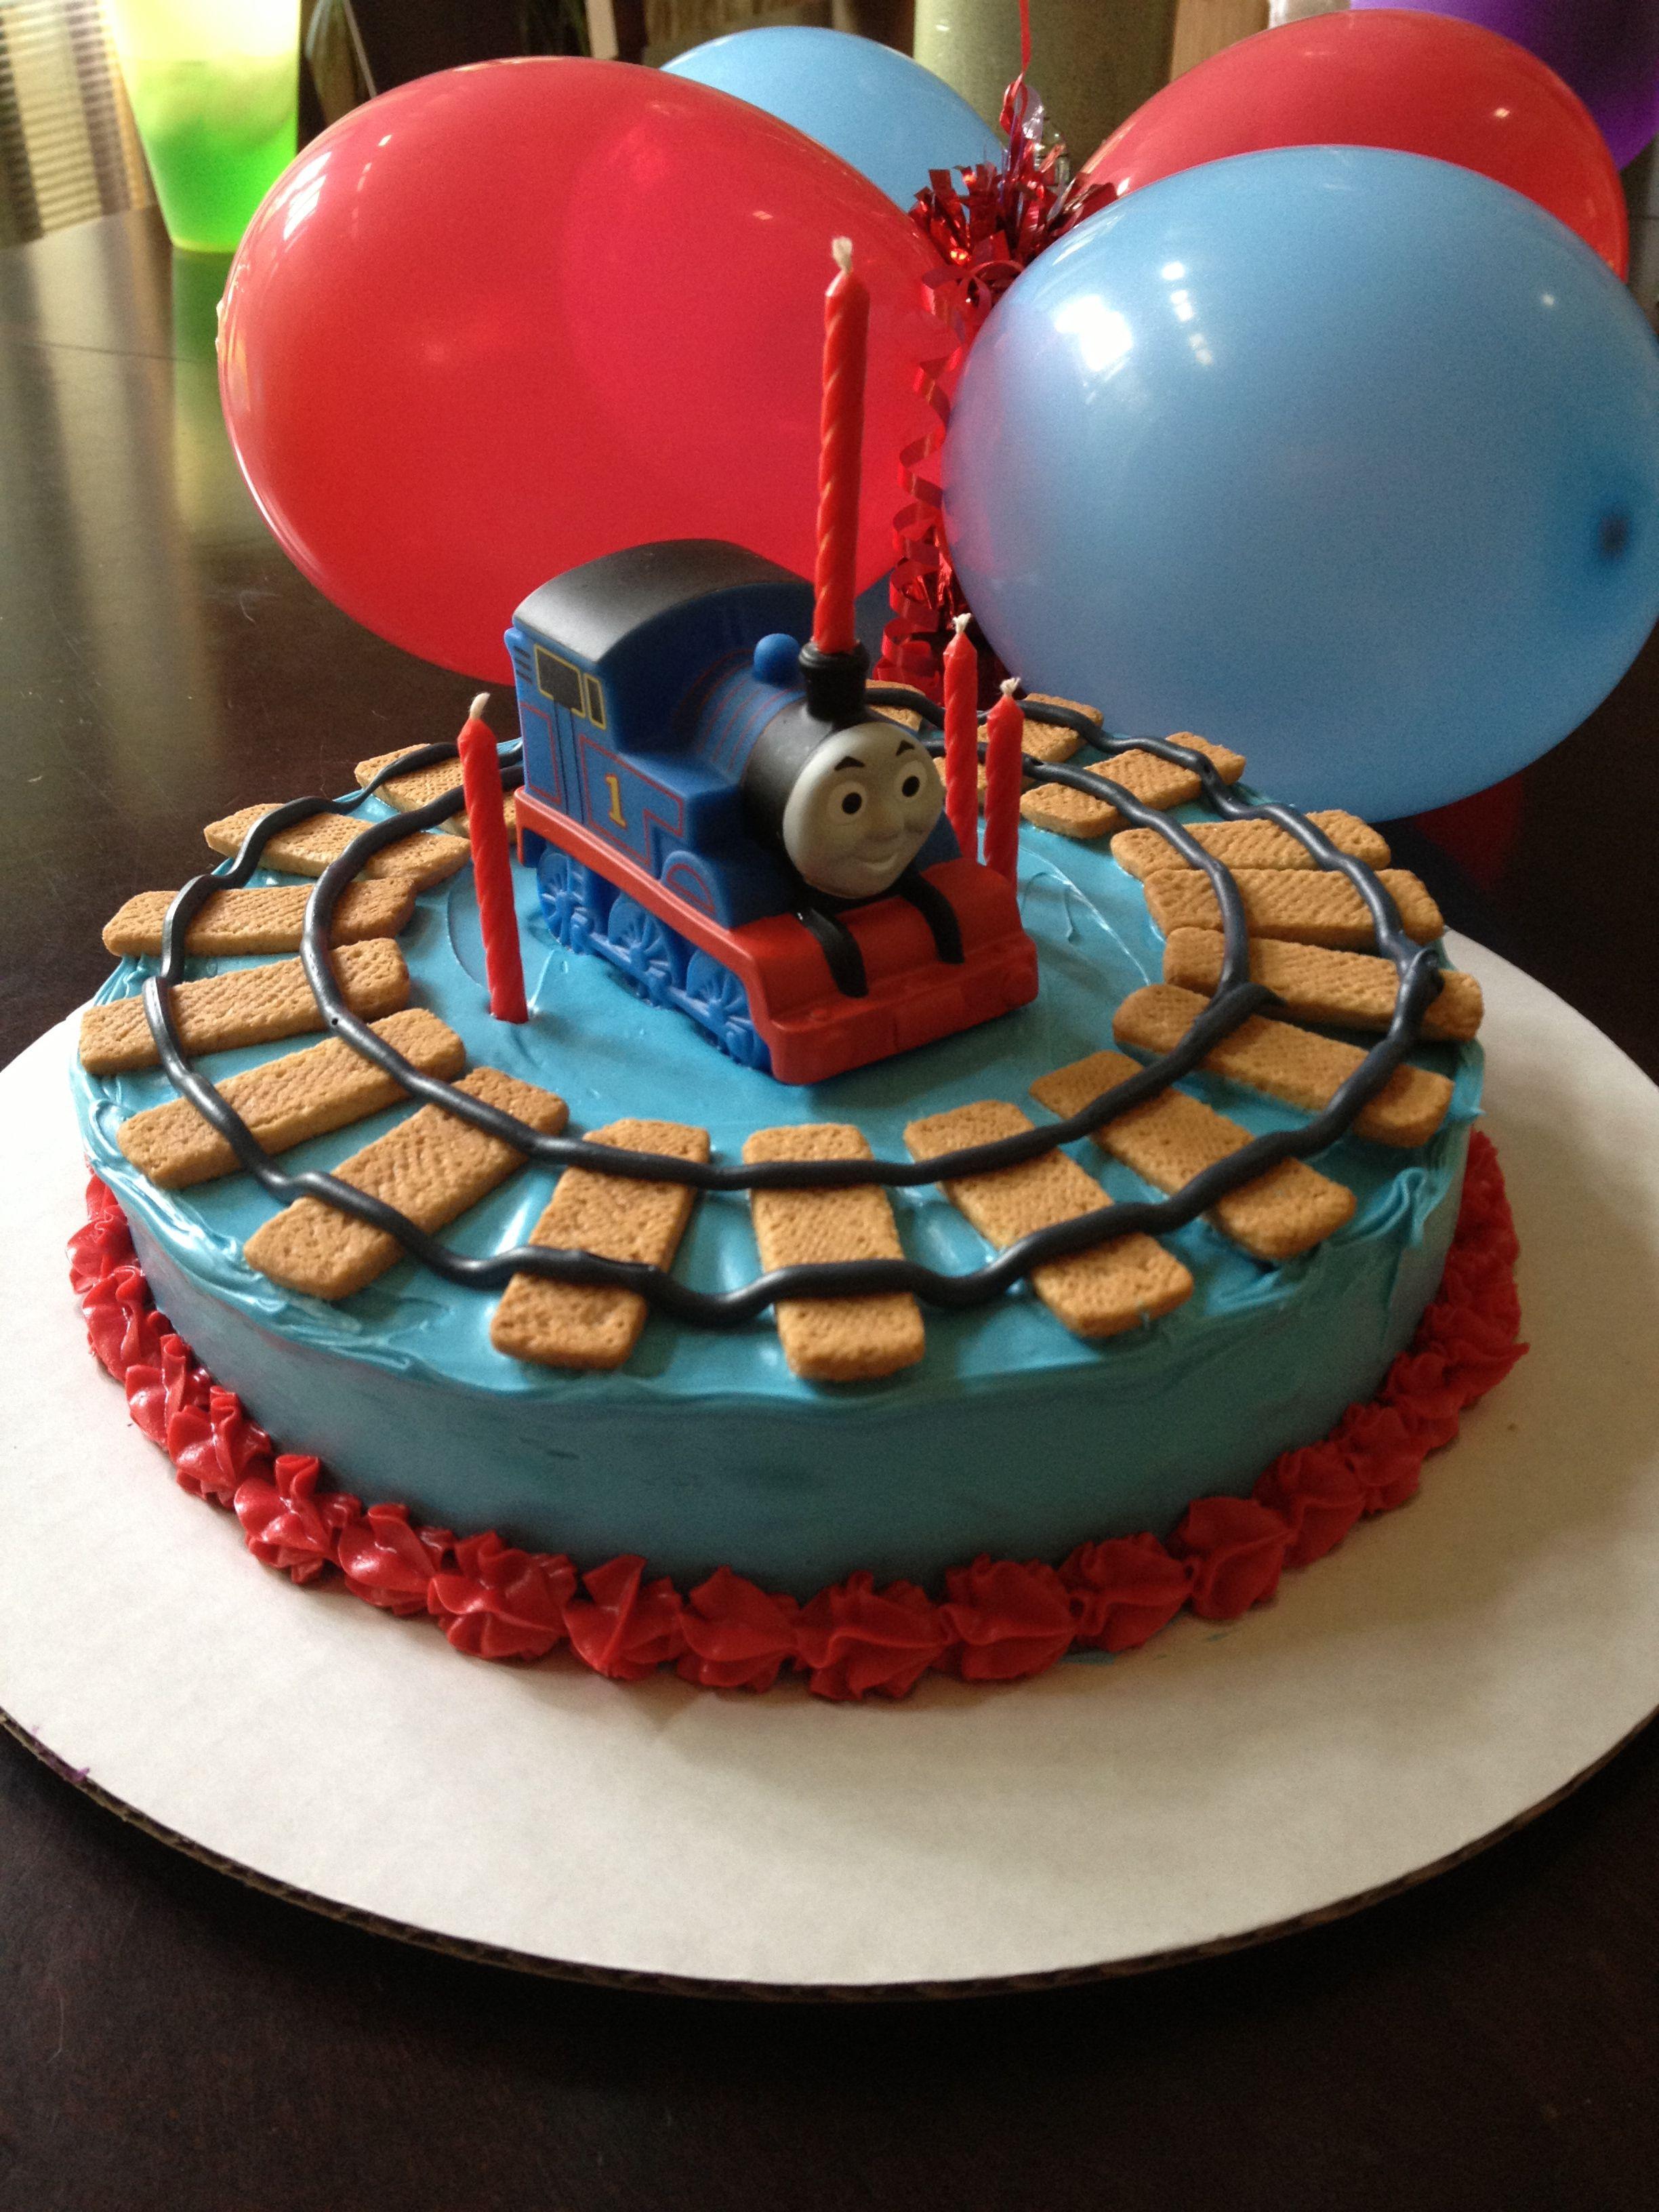 Thomas The Train Birthday Cake I Usually Shy Away From A